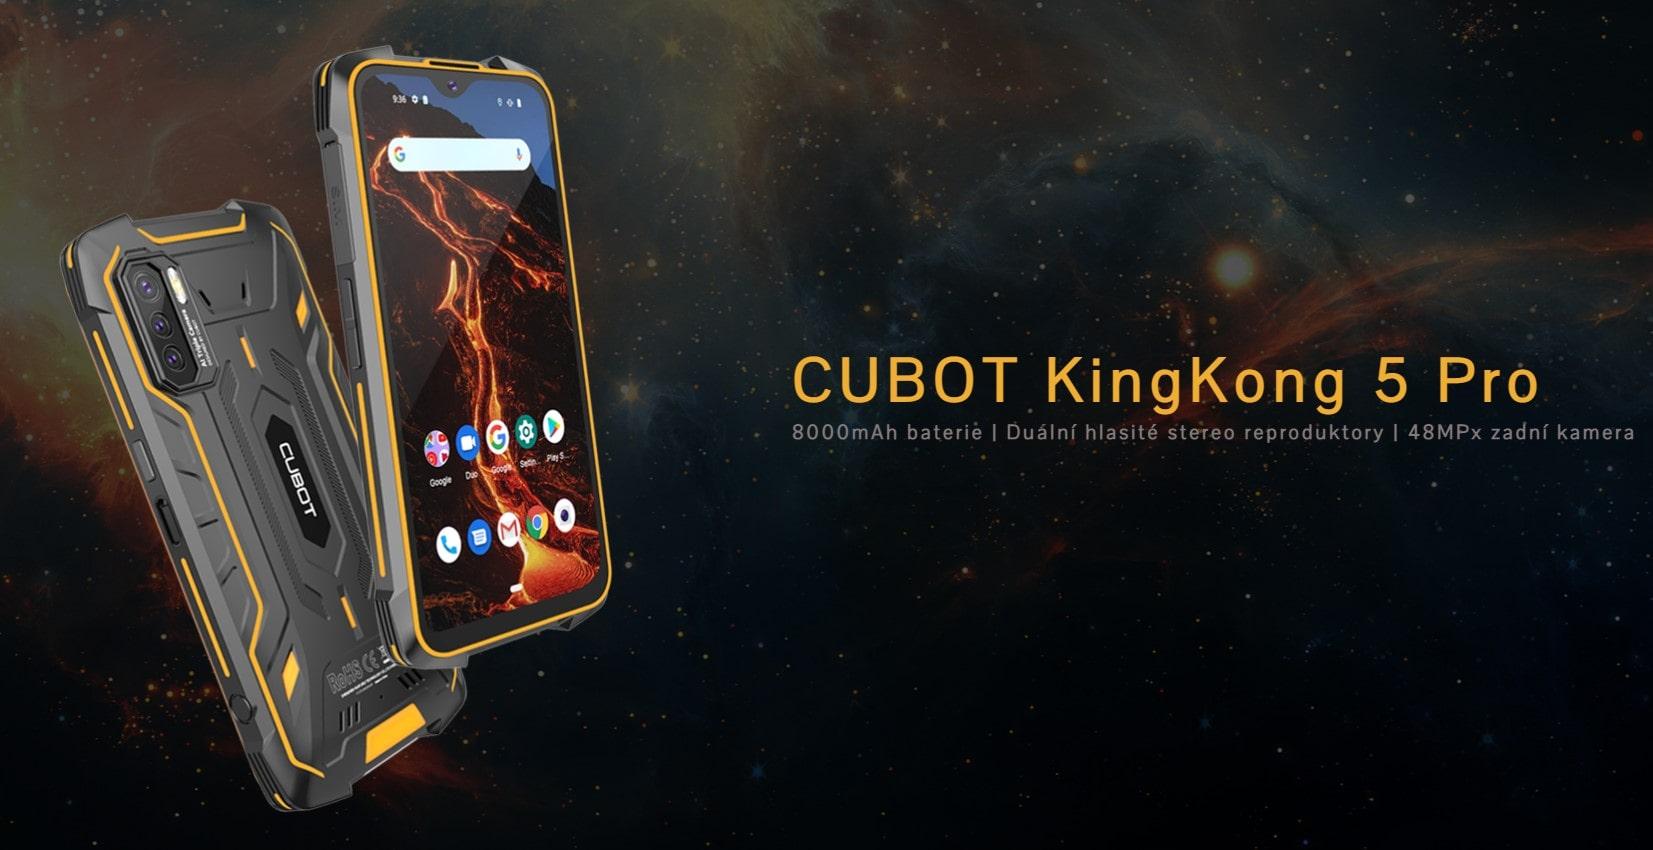 Cubot King Kong 5 Pro úvodní